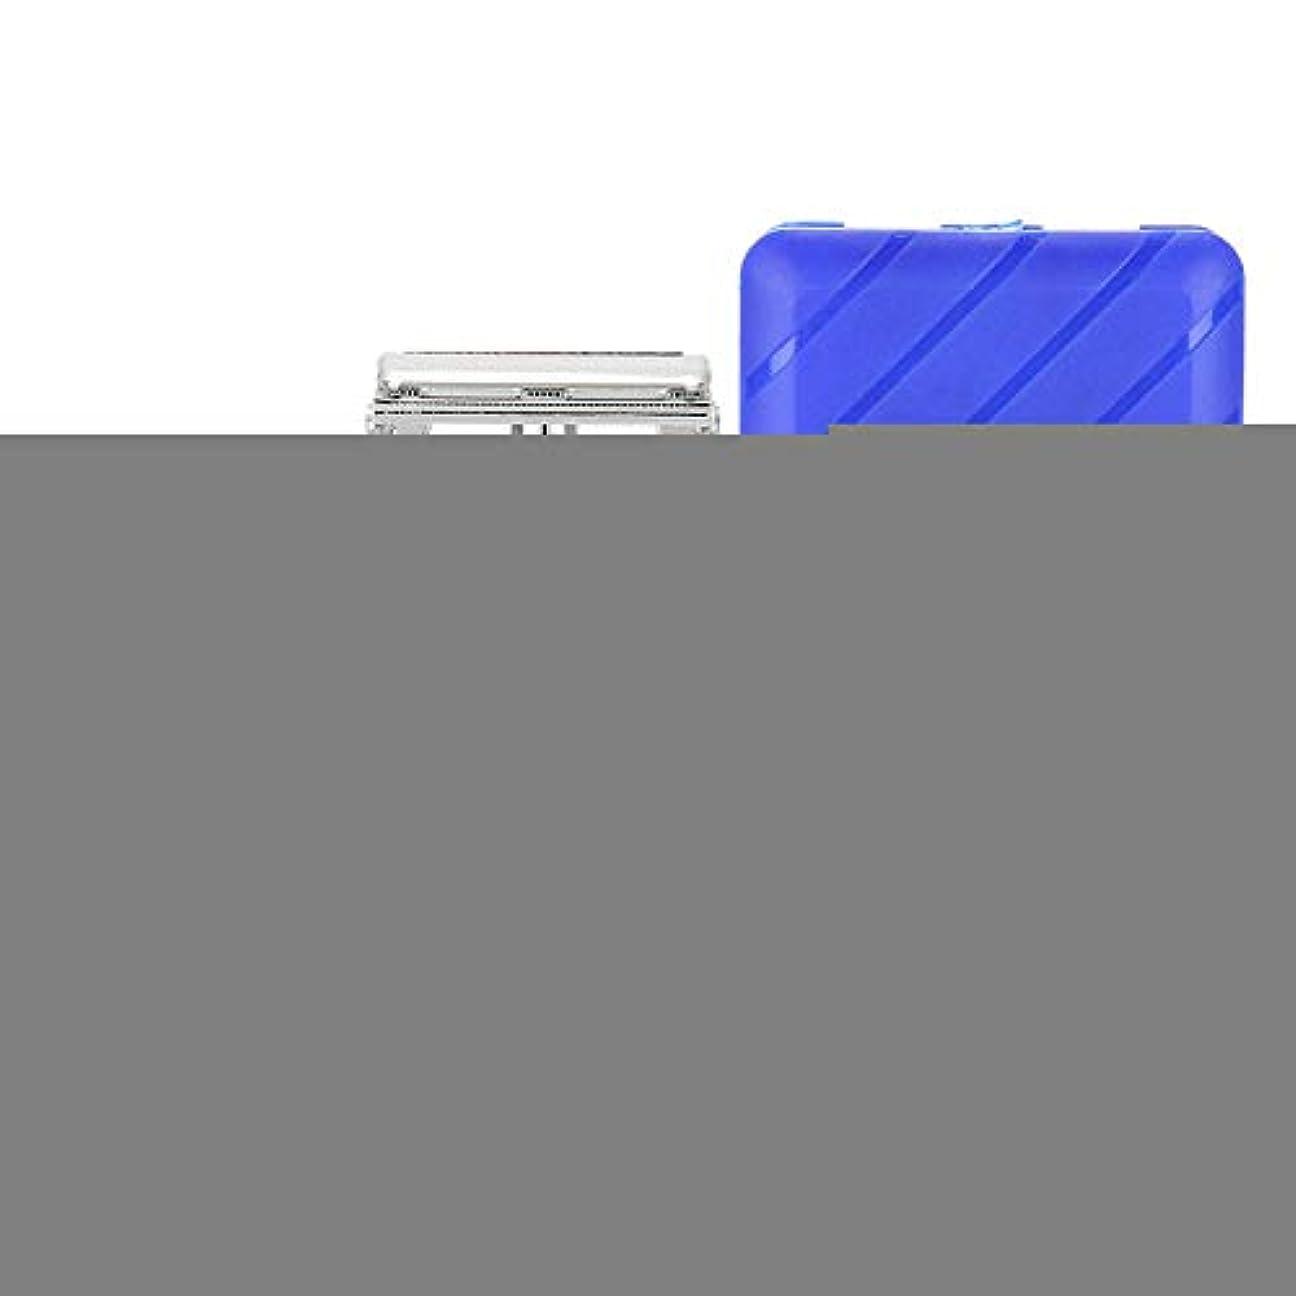 電話に出るスクリュー材料Semmeひげシェーピングツール、男性シェーバーセット手動メンズシェーバークラシックストレートダブルエッジブレードひげシェーバー付きケース